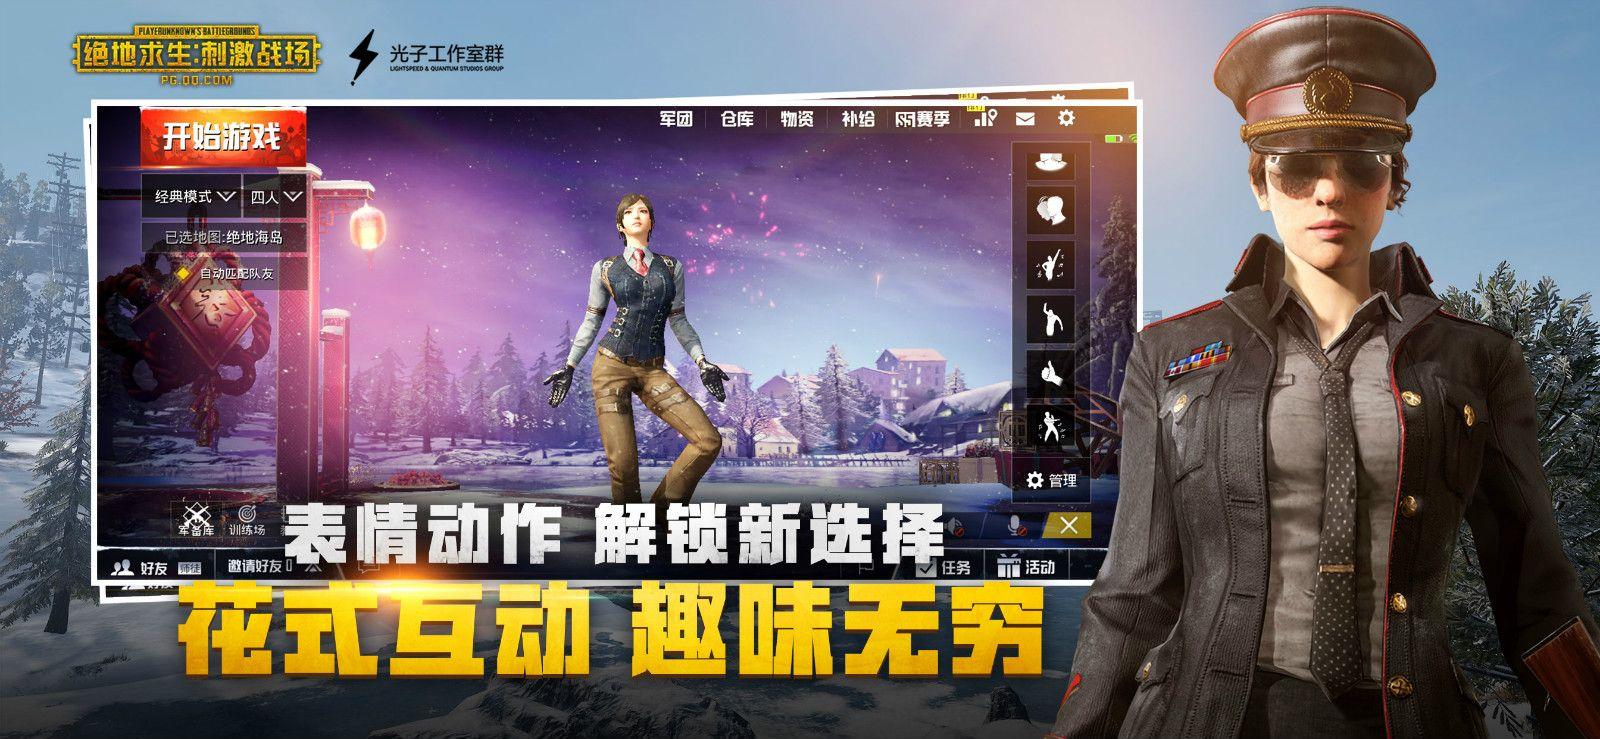 pubglite官方网站2019新春最新版下载图片2